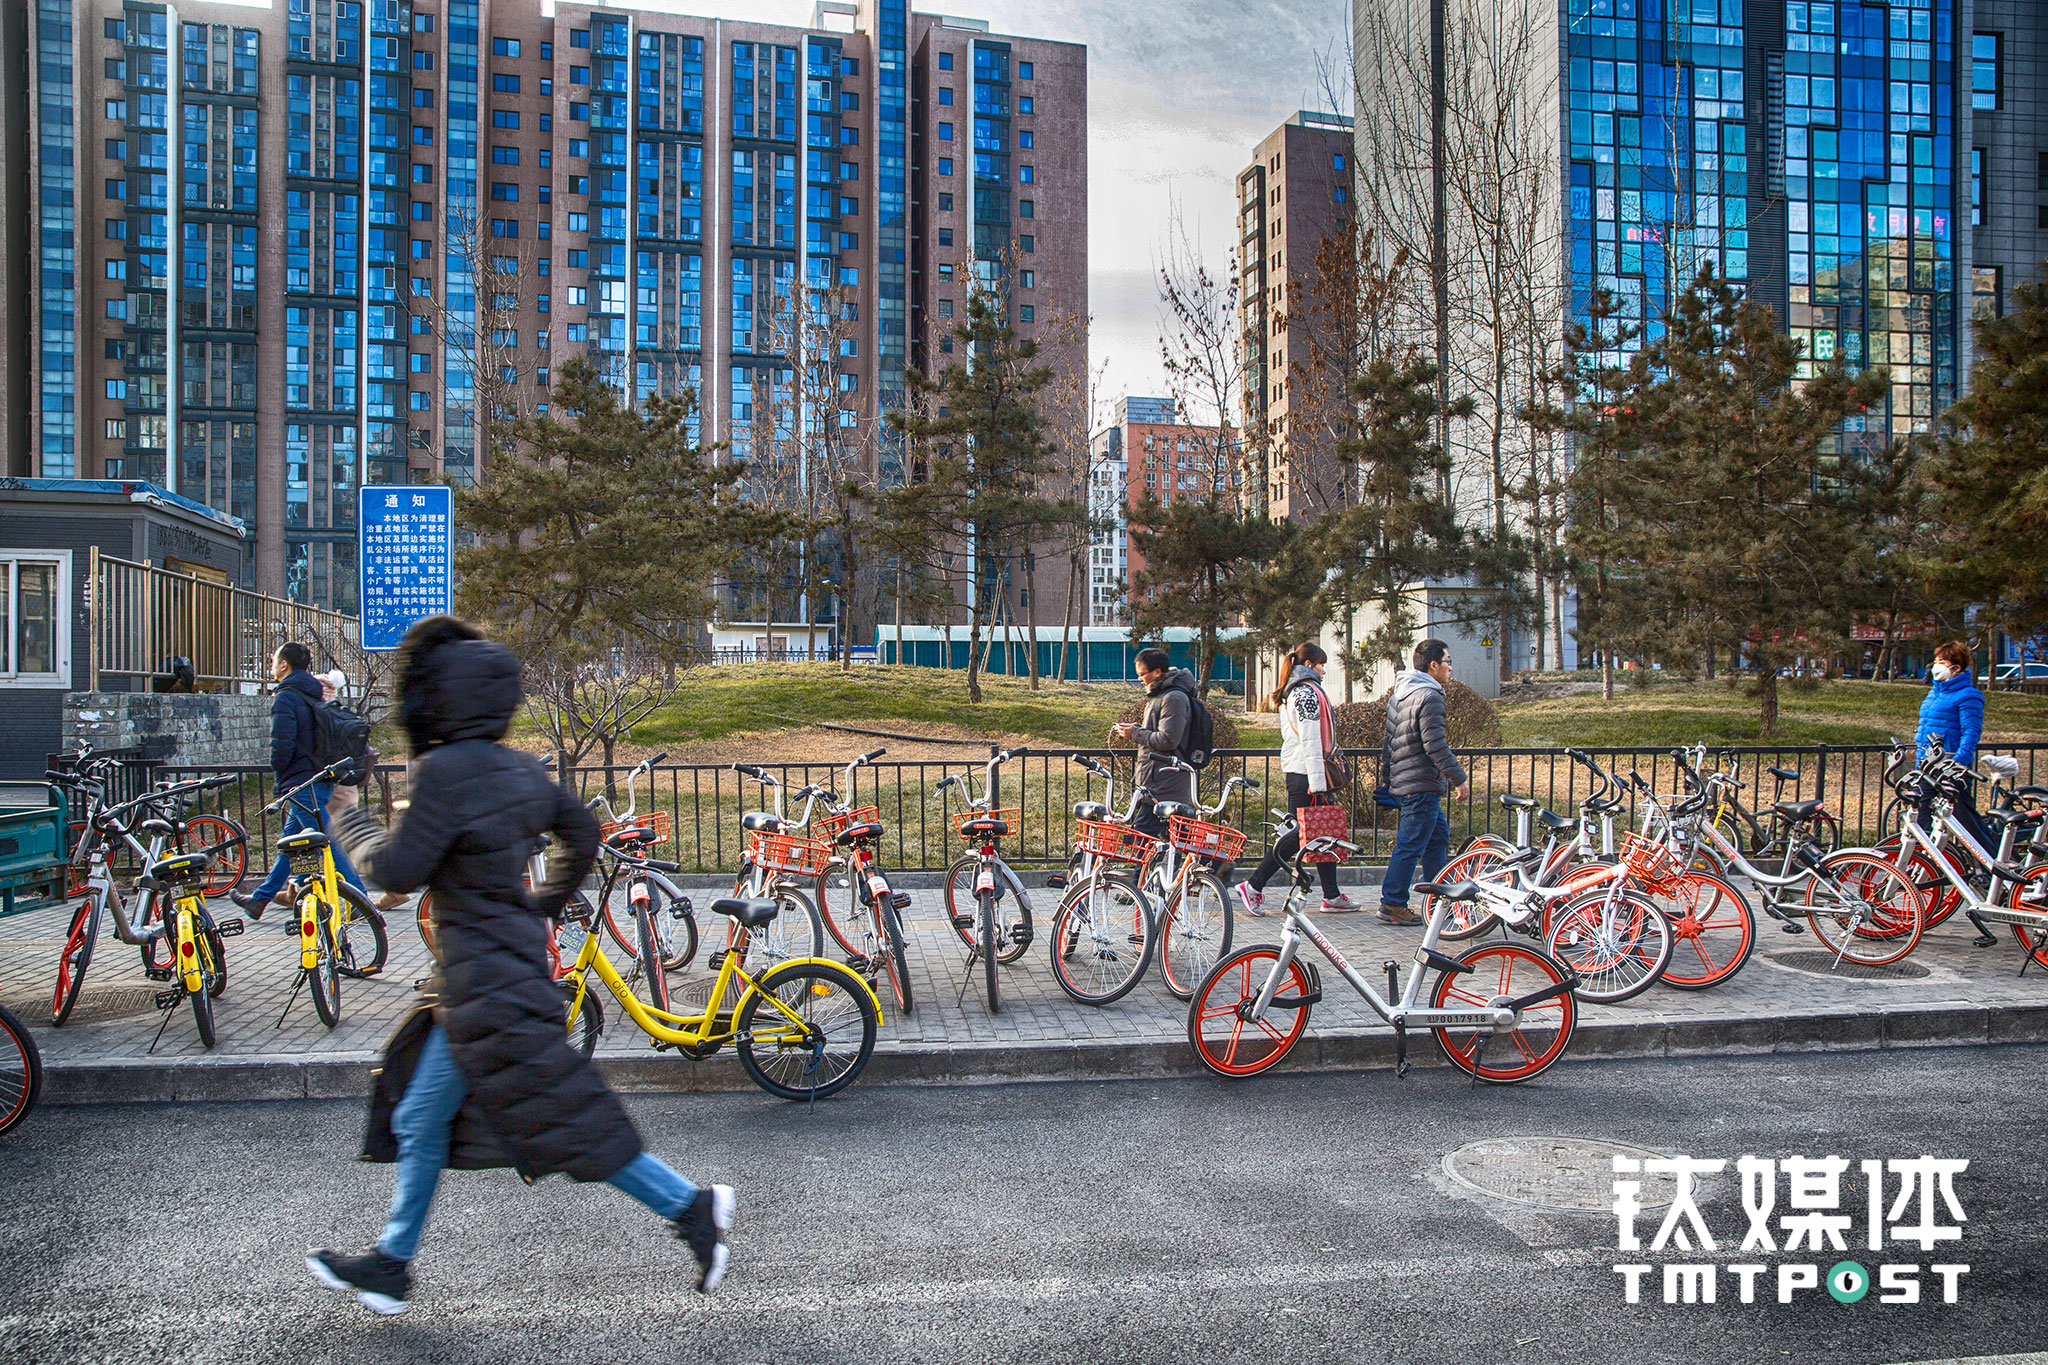 北京共享单车数量由各区自定,年内将建成600公里自行车道|钛快讯